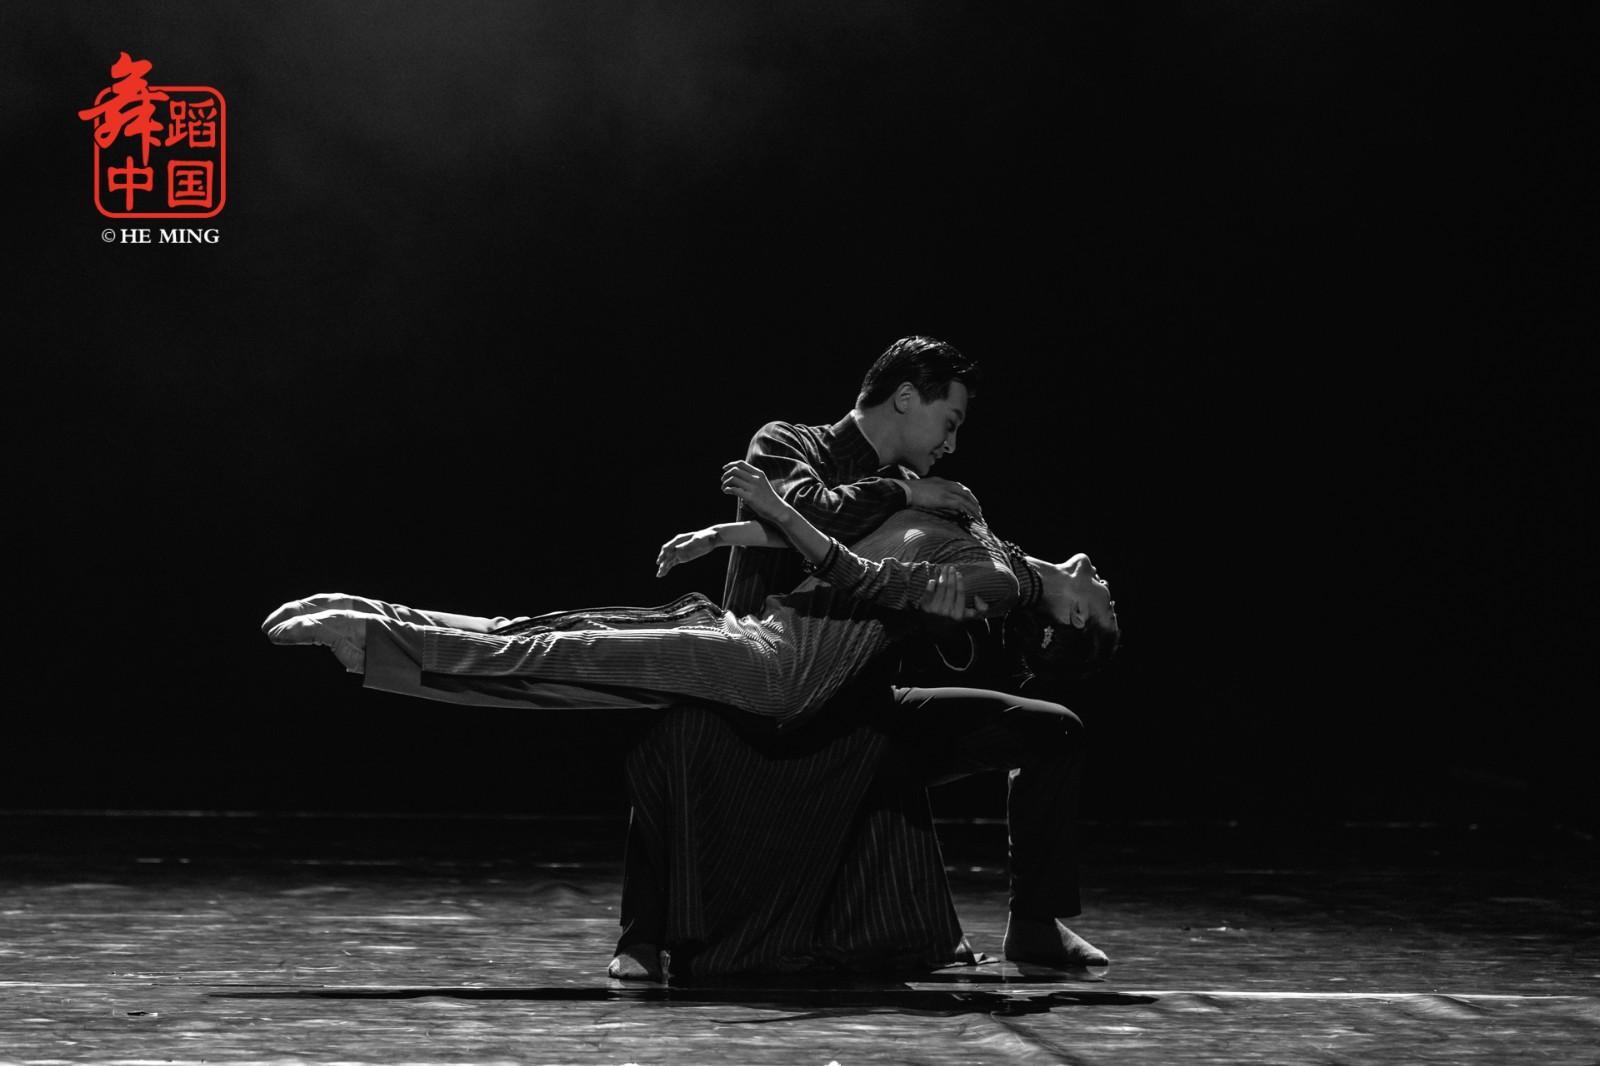 文鲁刘倩_舞图文化,舞蹈摄影,舞台摄影,舞蹈剧照,舞蹈写真,舞图 ...